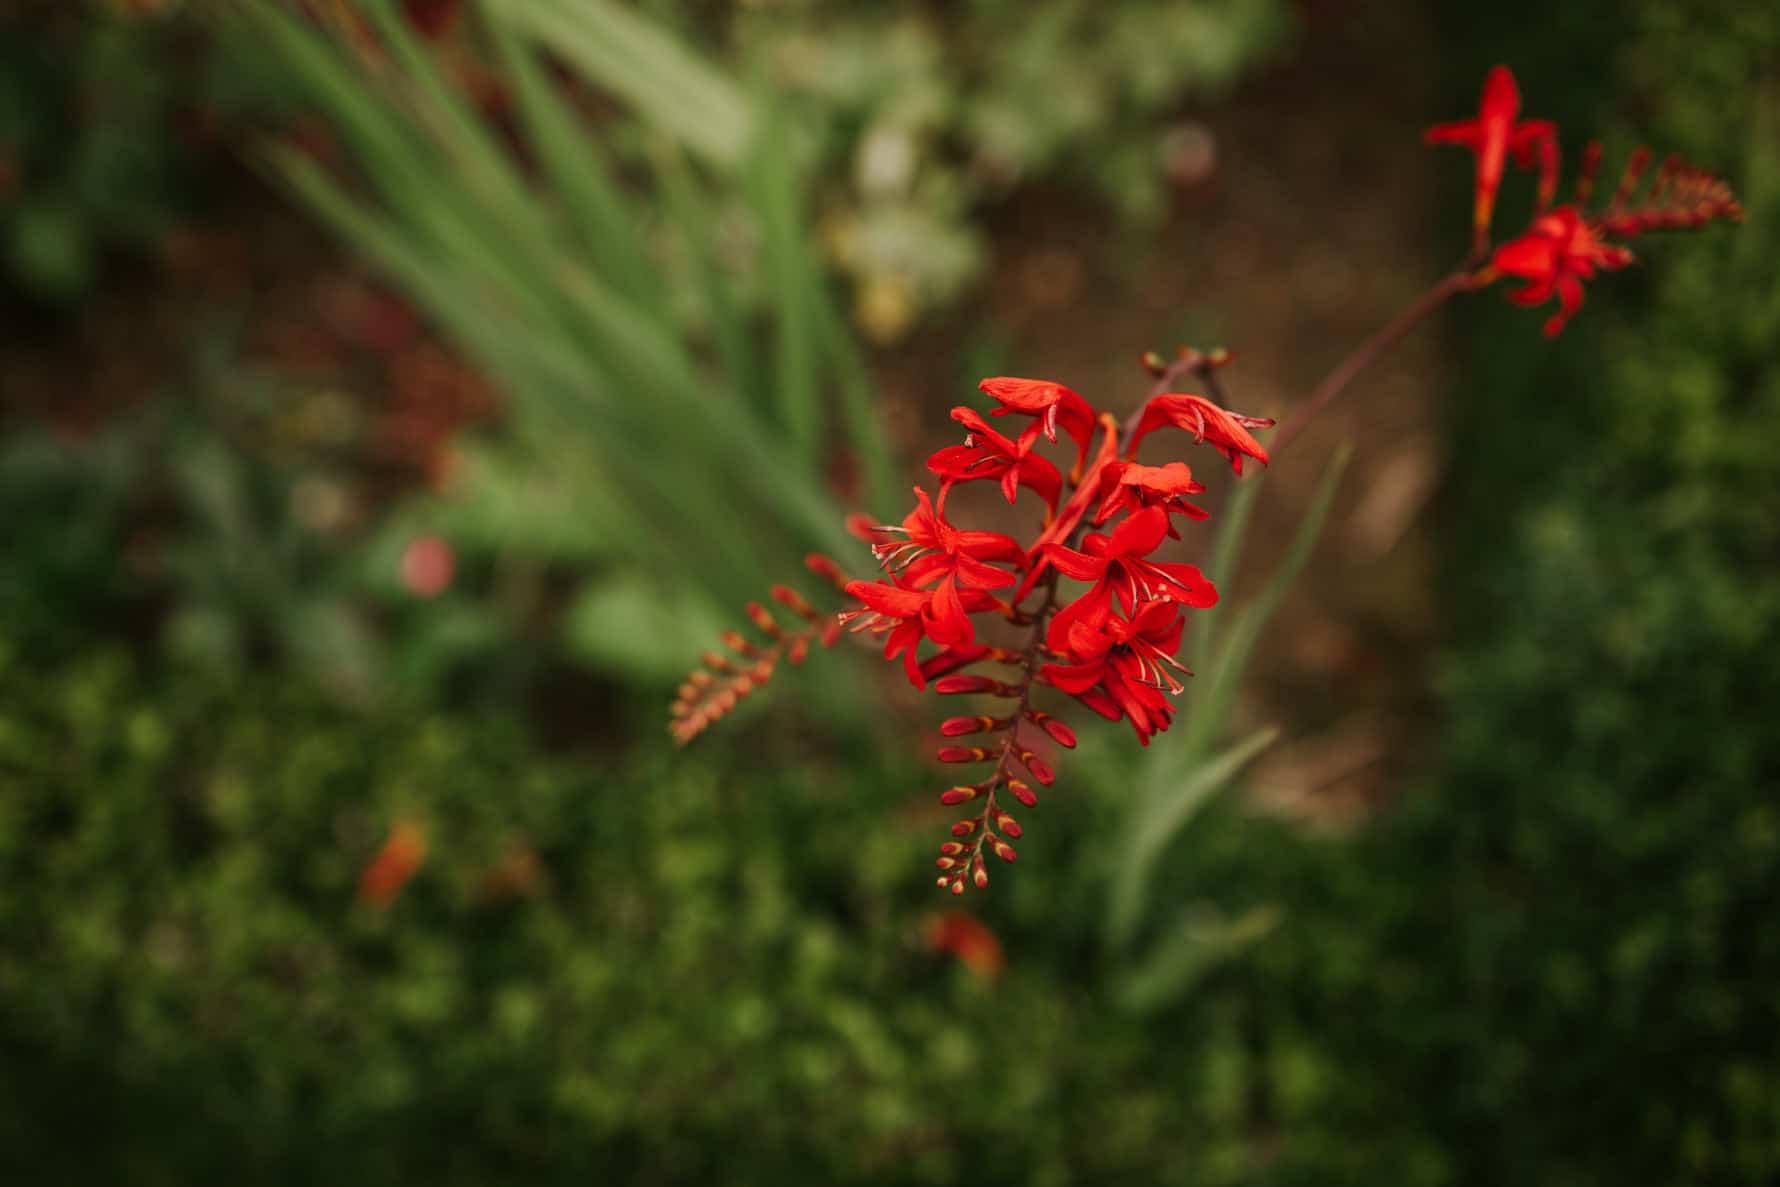 A red flower in a wedding venue garden